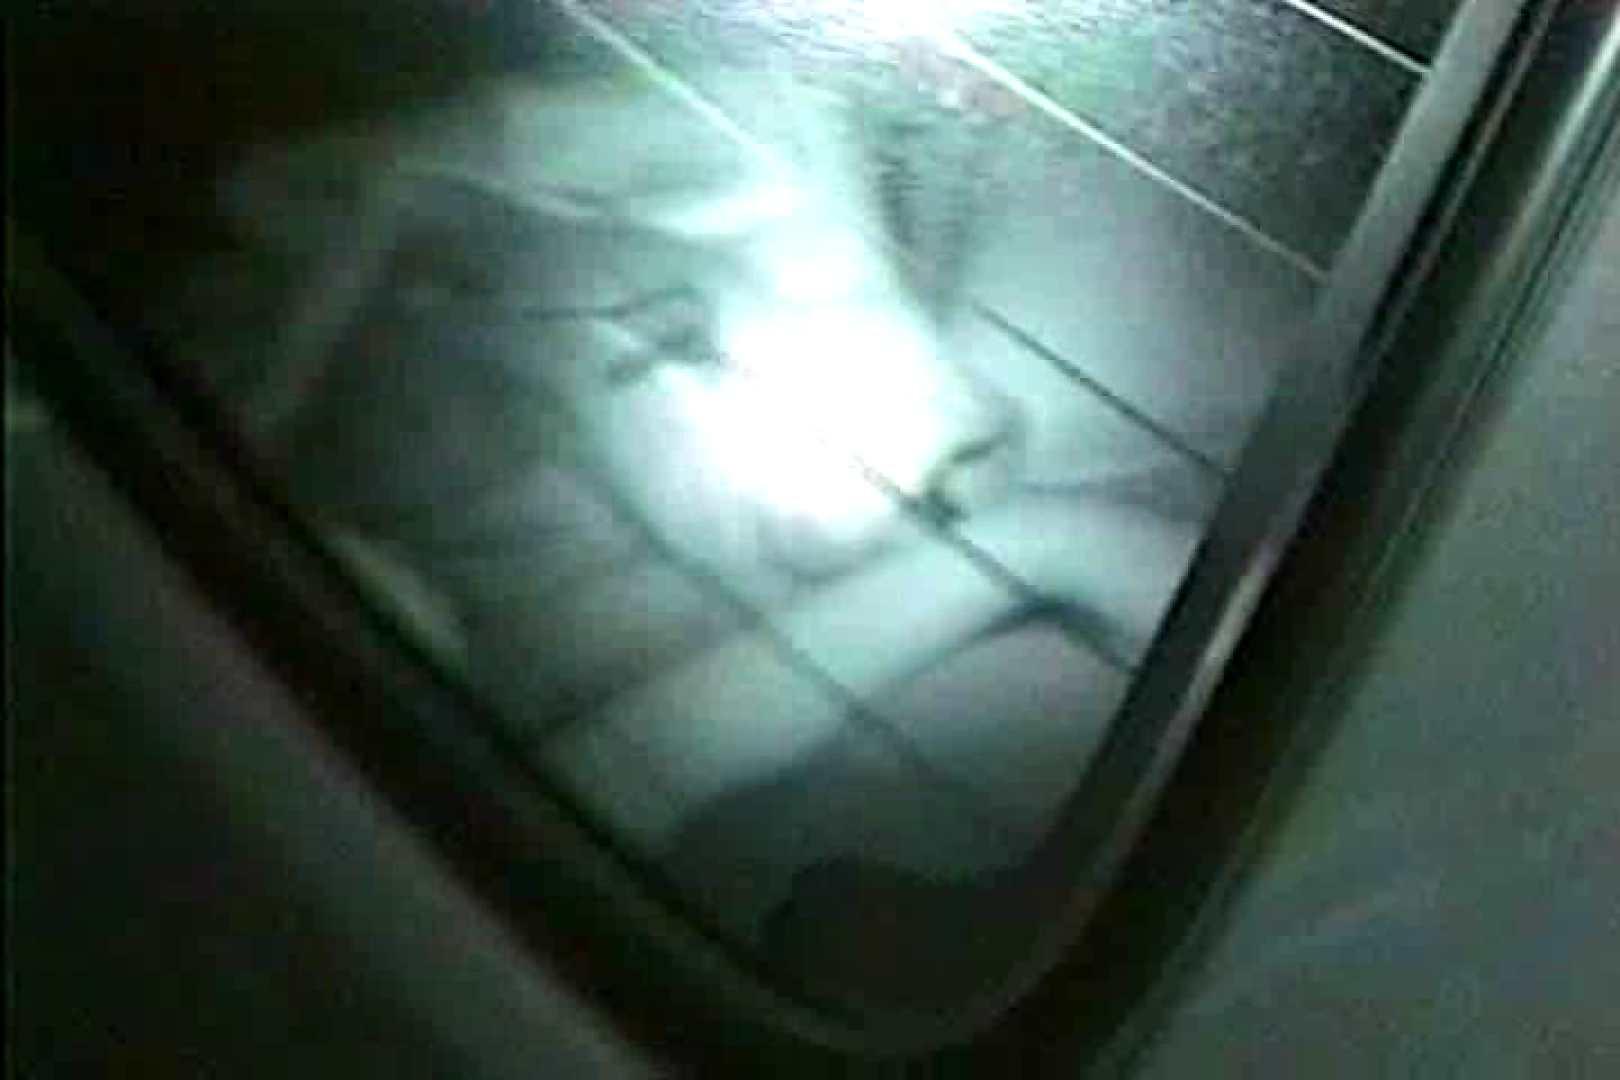 車の中はラブホテル 無修正版  Vol.6 カーセックス盗撮 おめこ無修正画像 104pic 46